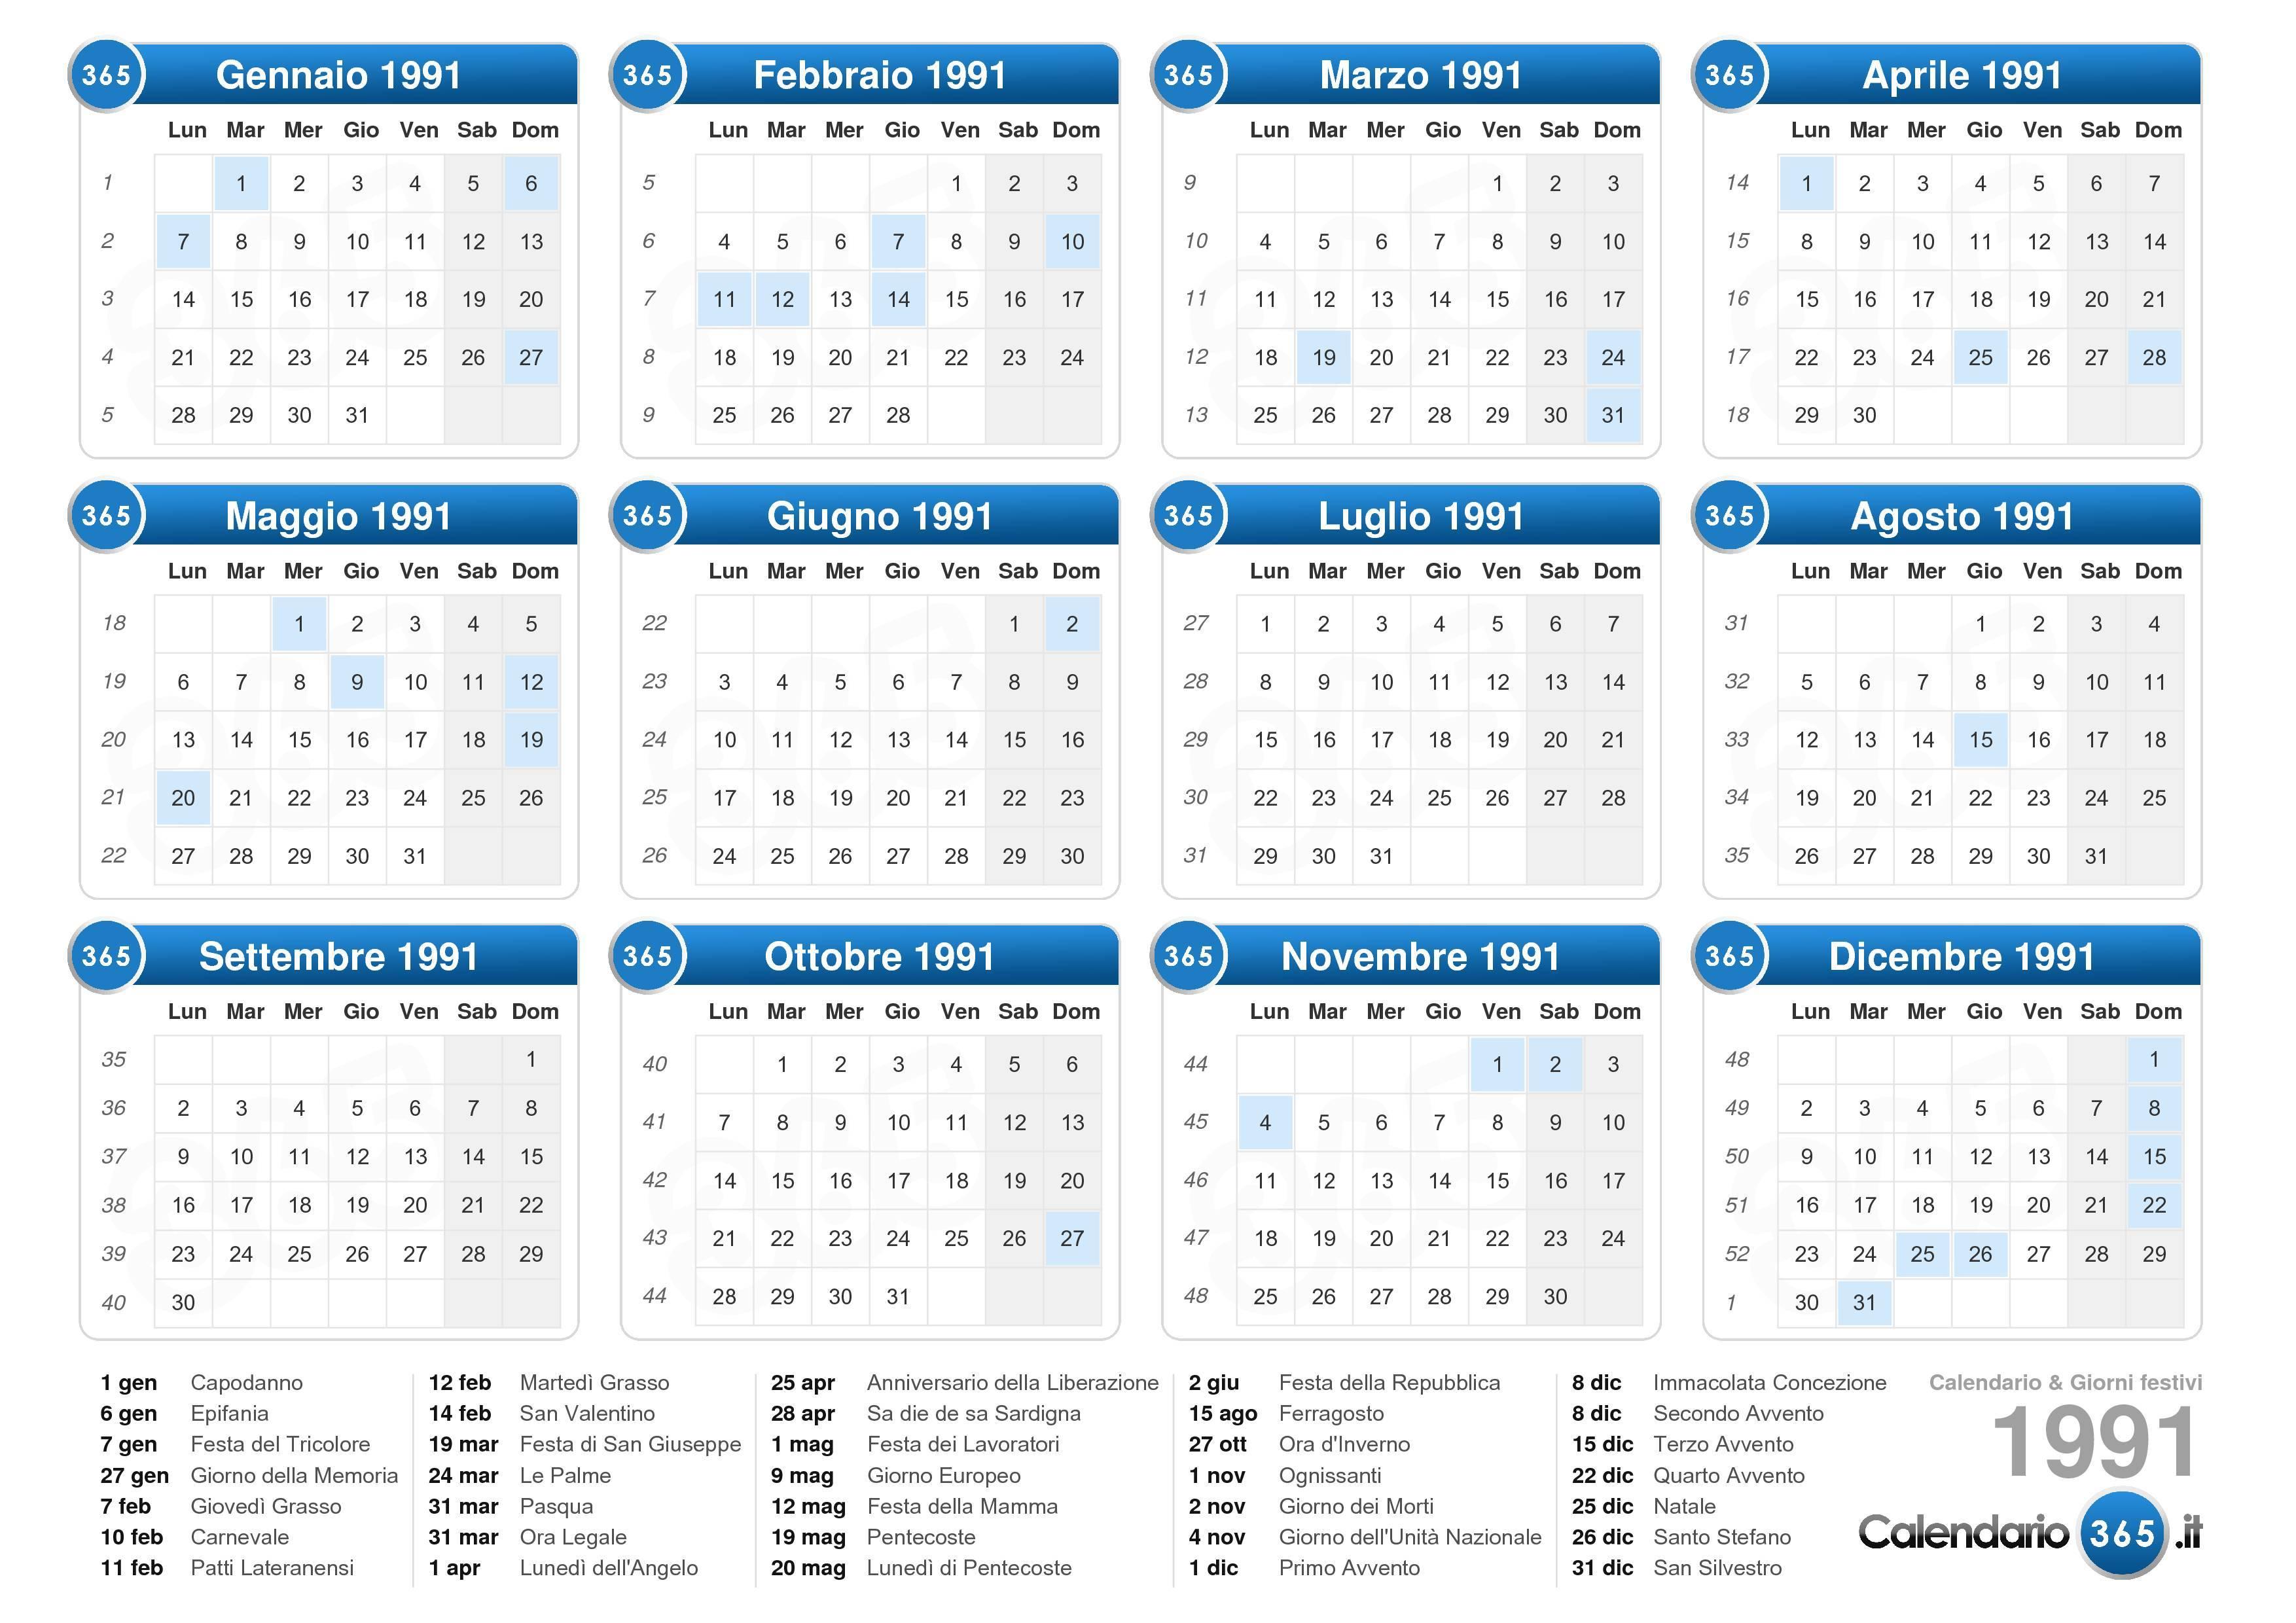 Calendario Anno 1992.Calendario 1991